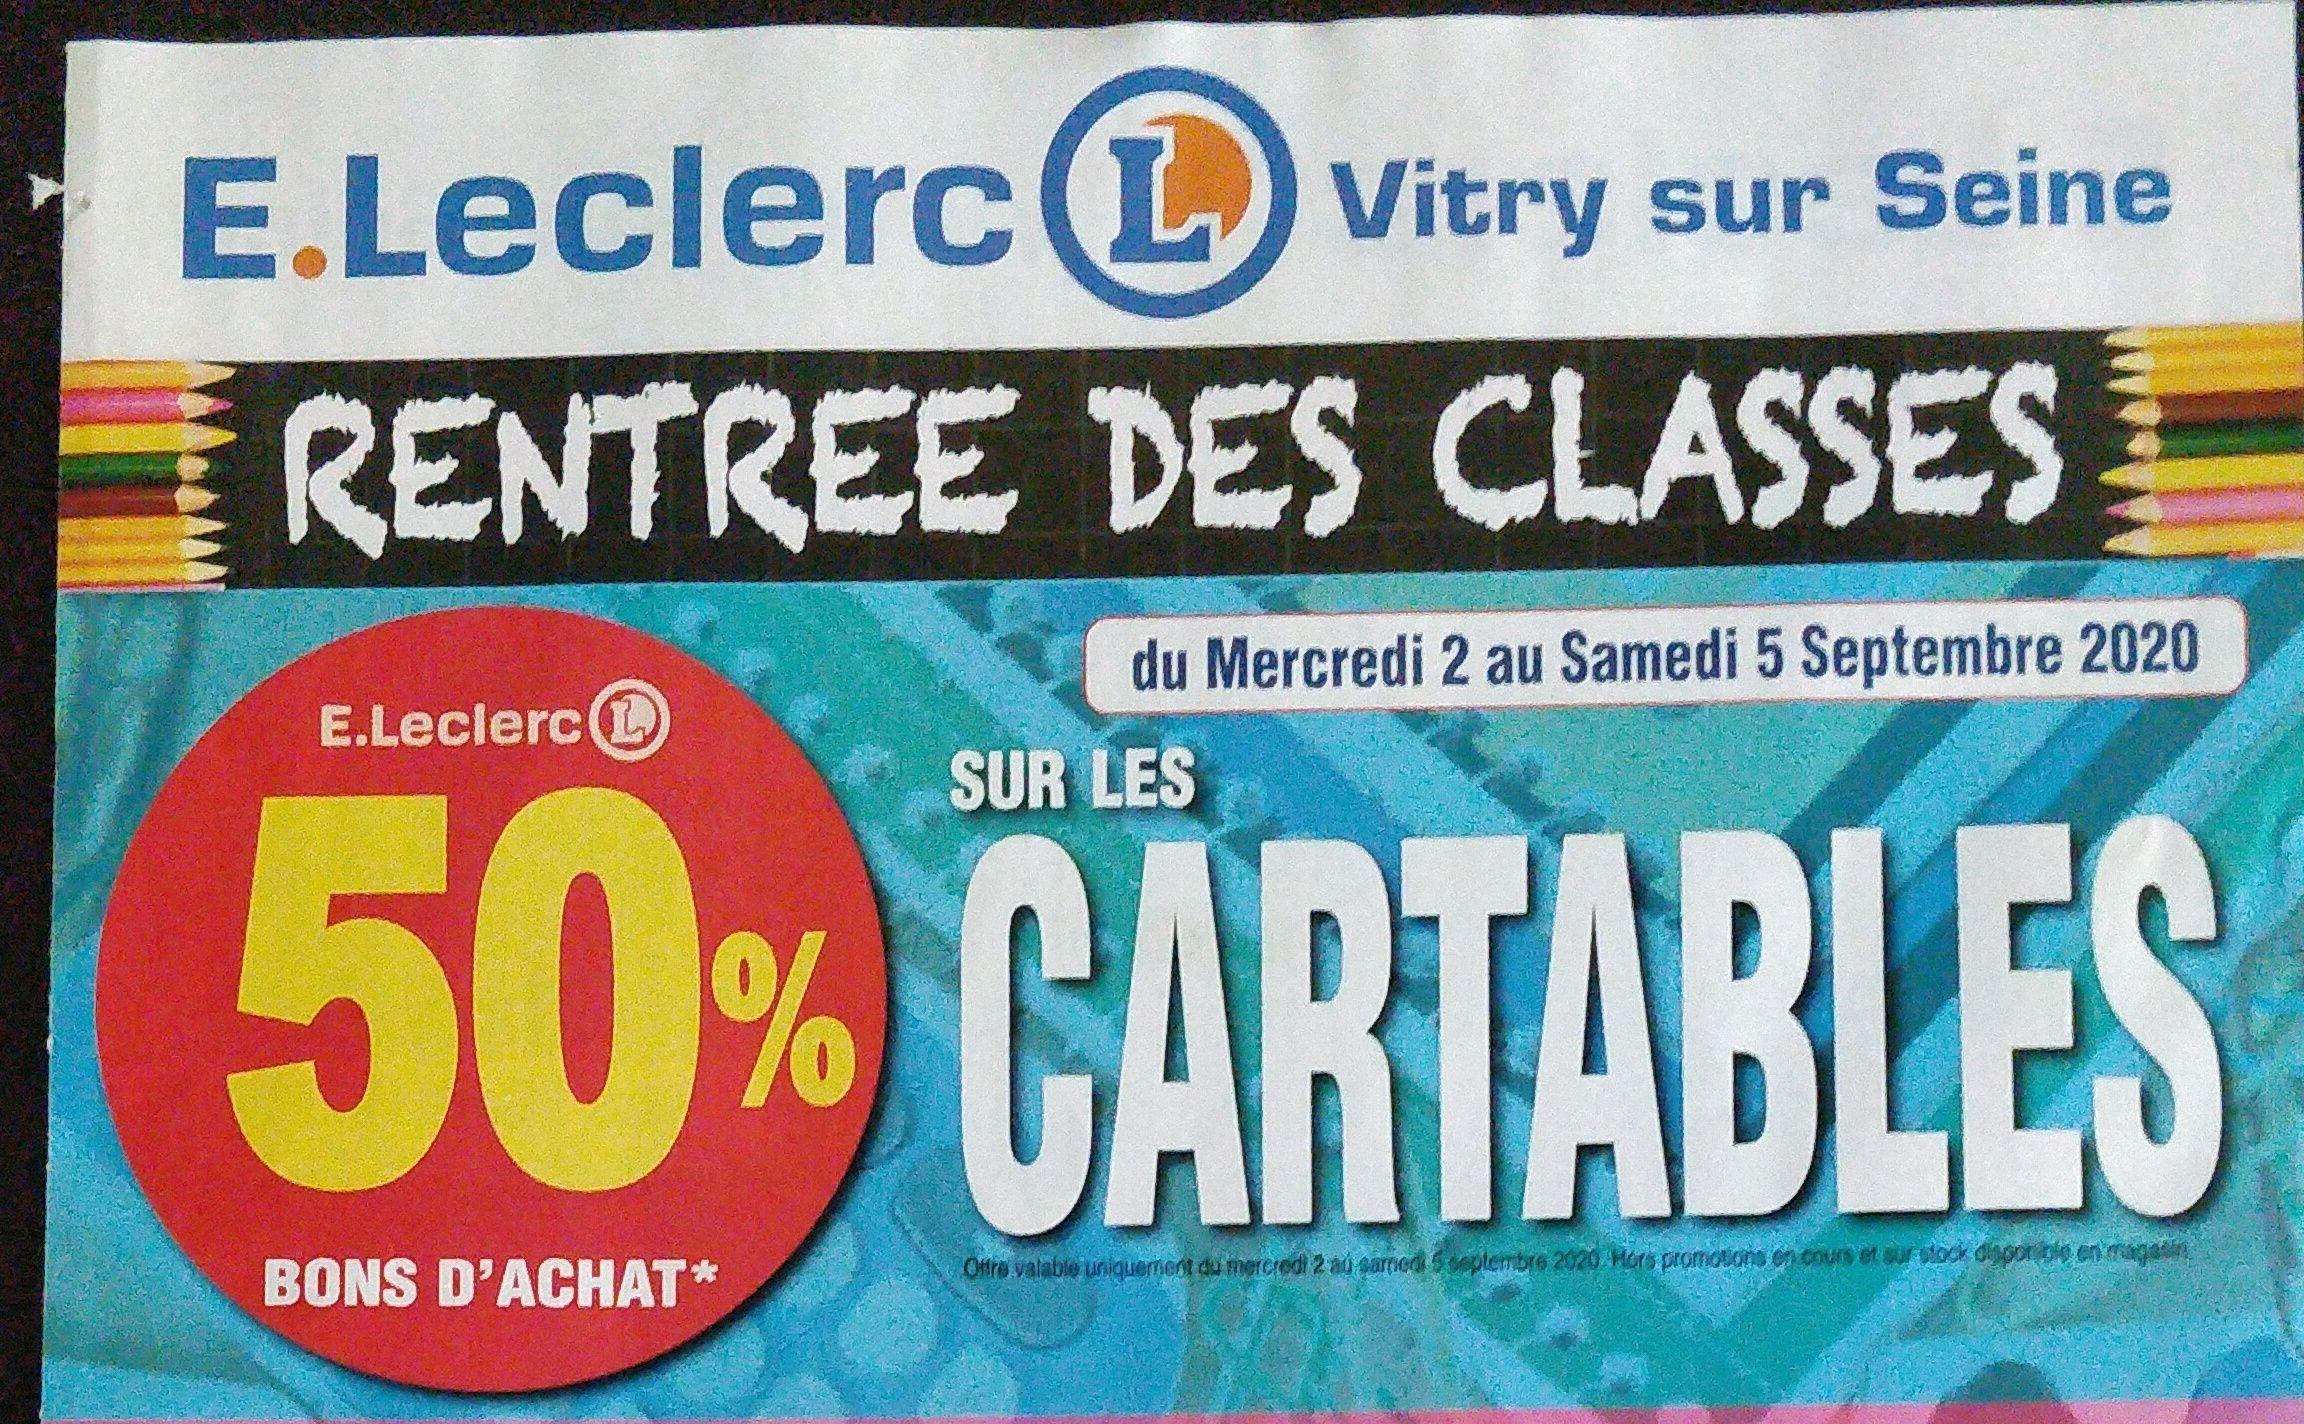 50% remboursés en bon d'achat sur les cartables (valable sans minimum d'achat) - Vitry-sur-Seine (94)